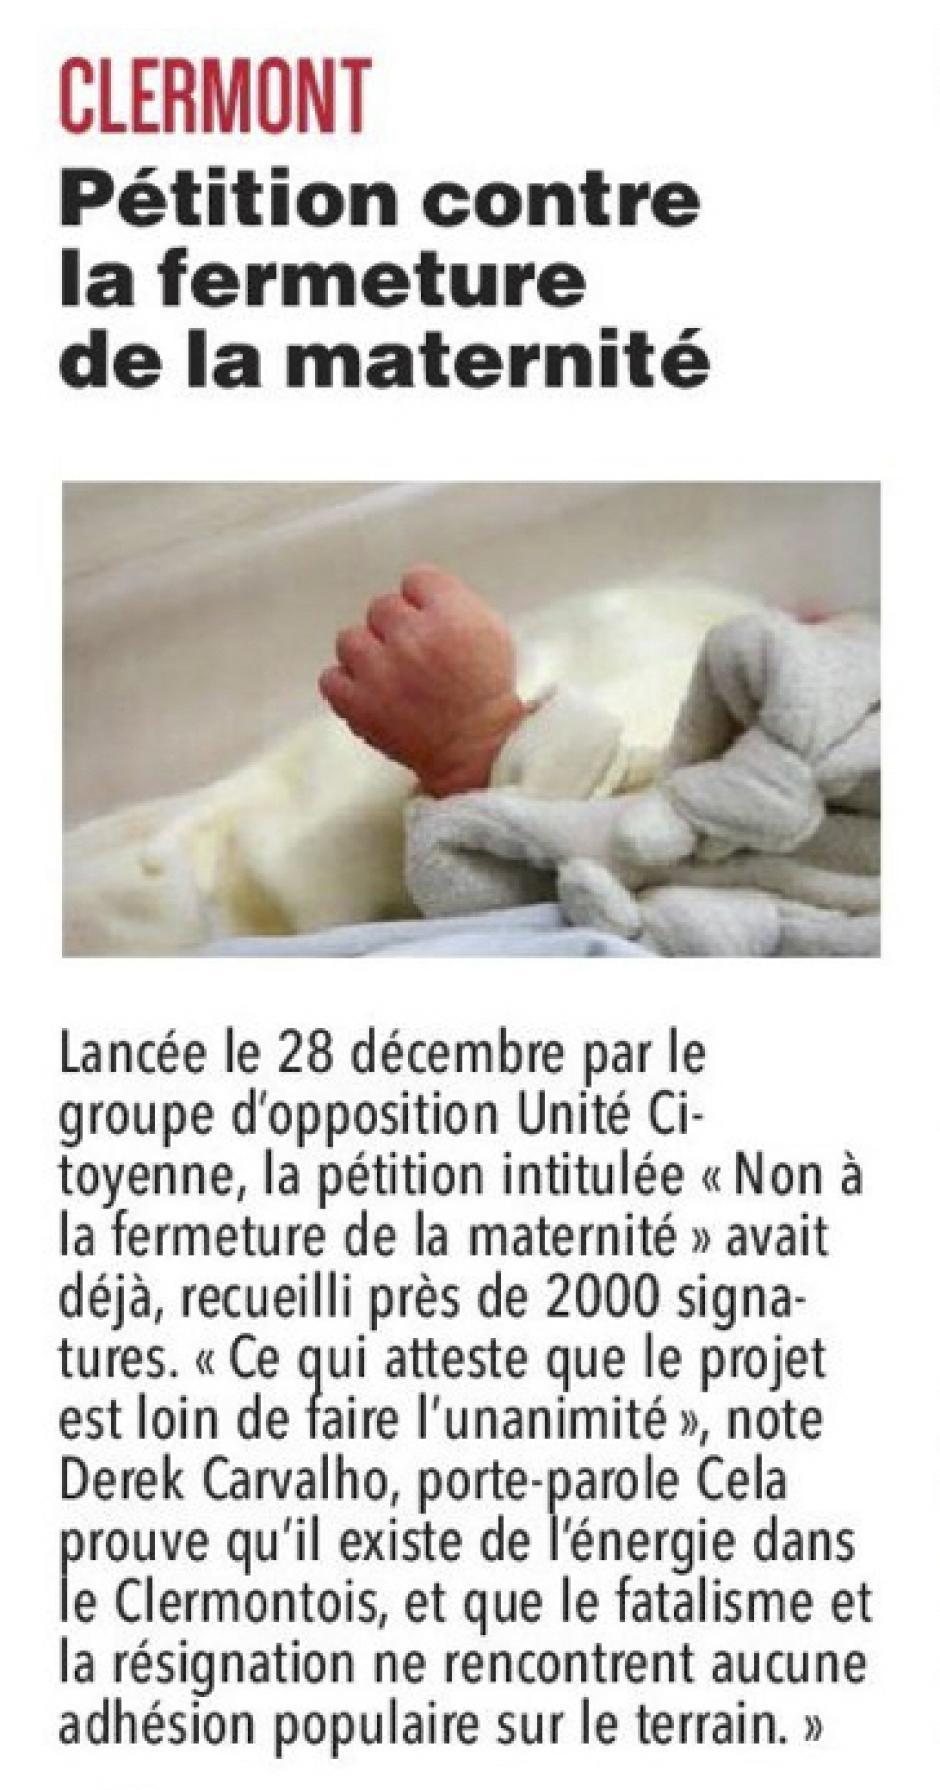 20180104-CP-Clermont-Pétition contre la fermeture de la maternité [pages régionales]